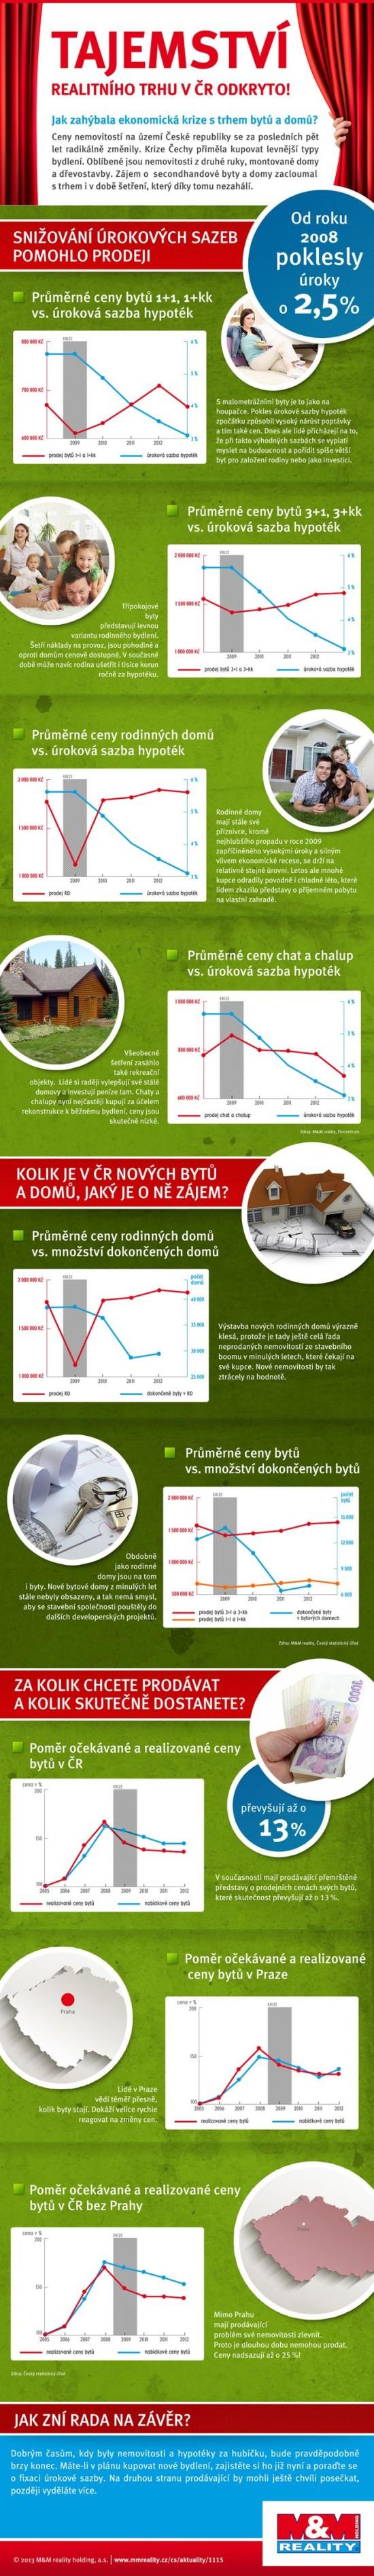 Tajemství realitního trhu v ČR odkryto - infografika